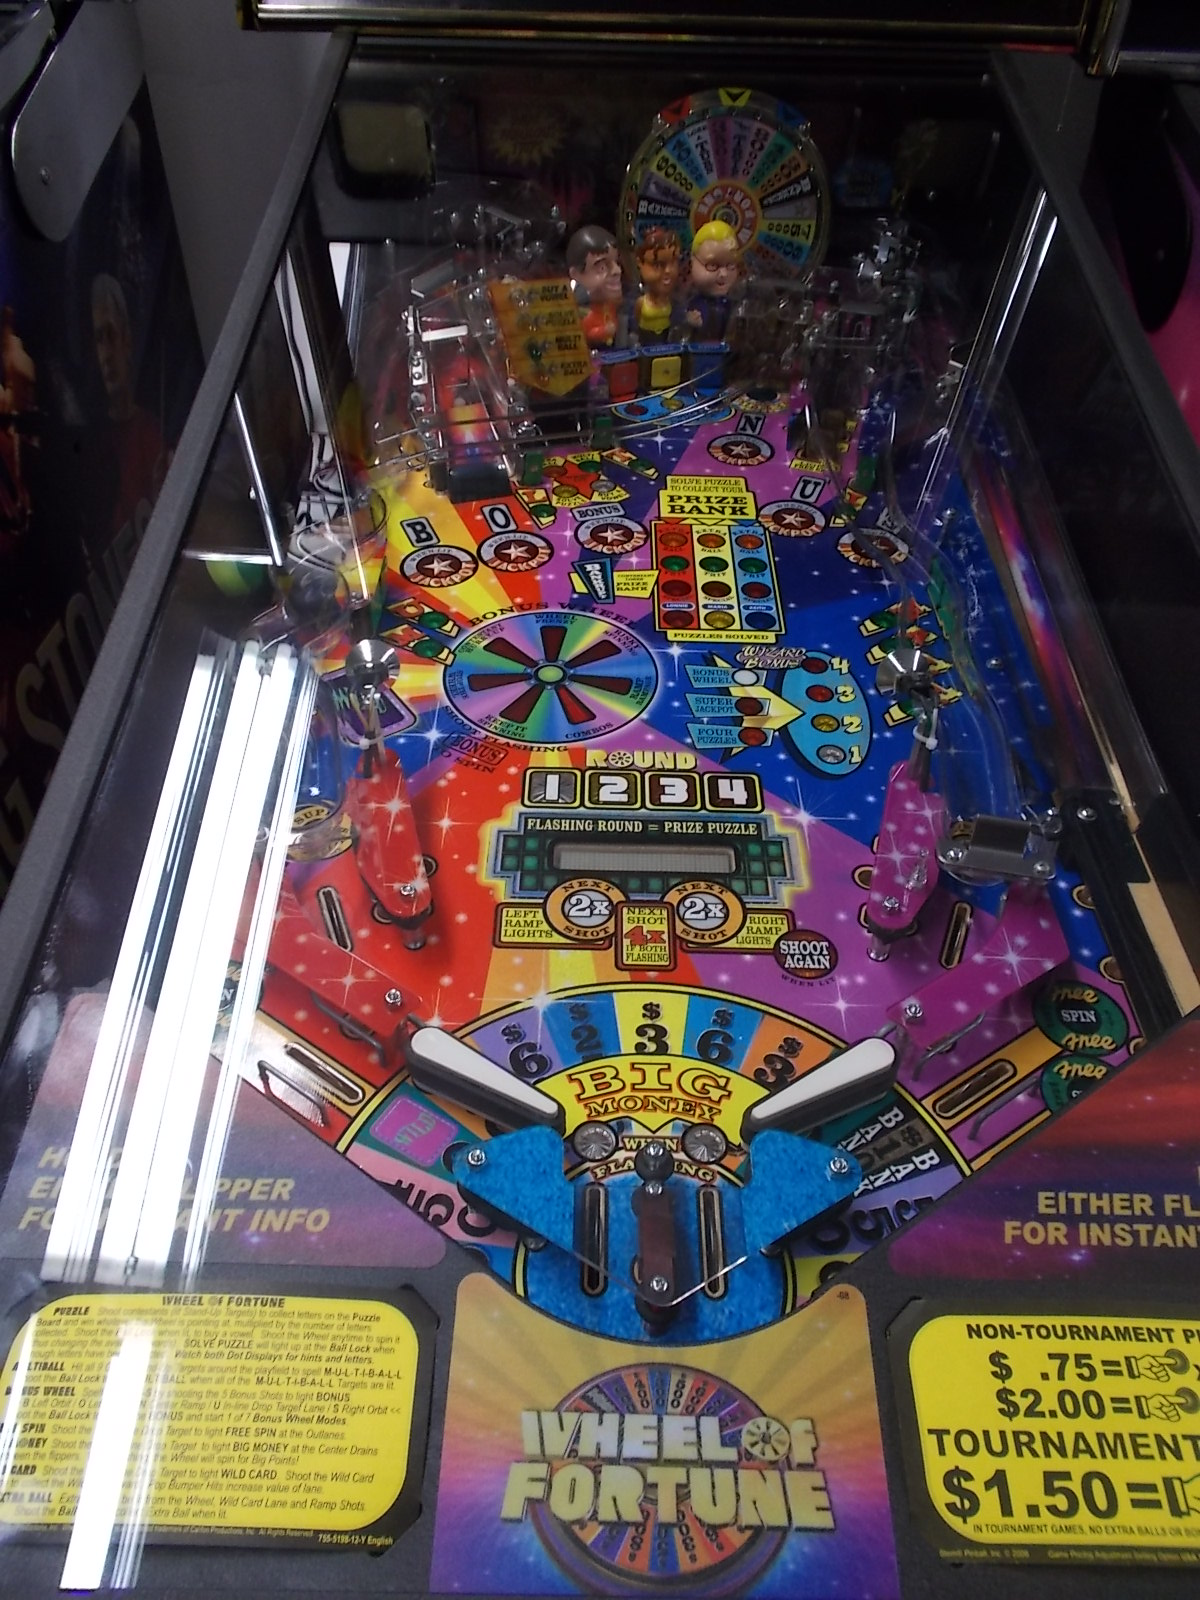 WHEEL OF FORTUNE Pinball Machine Game by Stern  VANNA